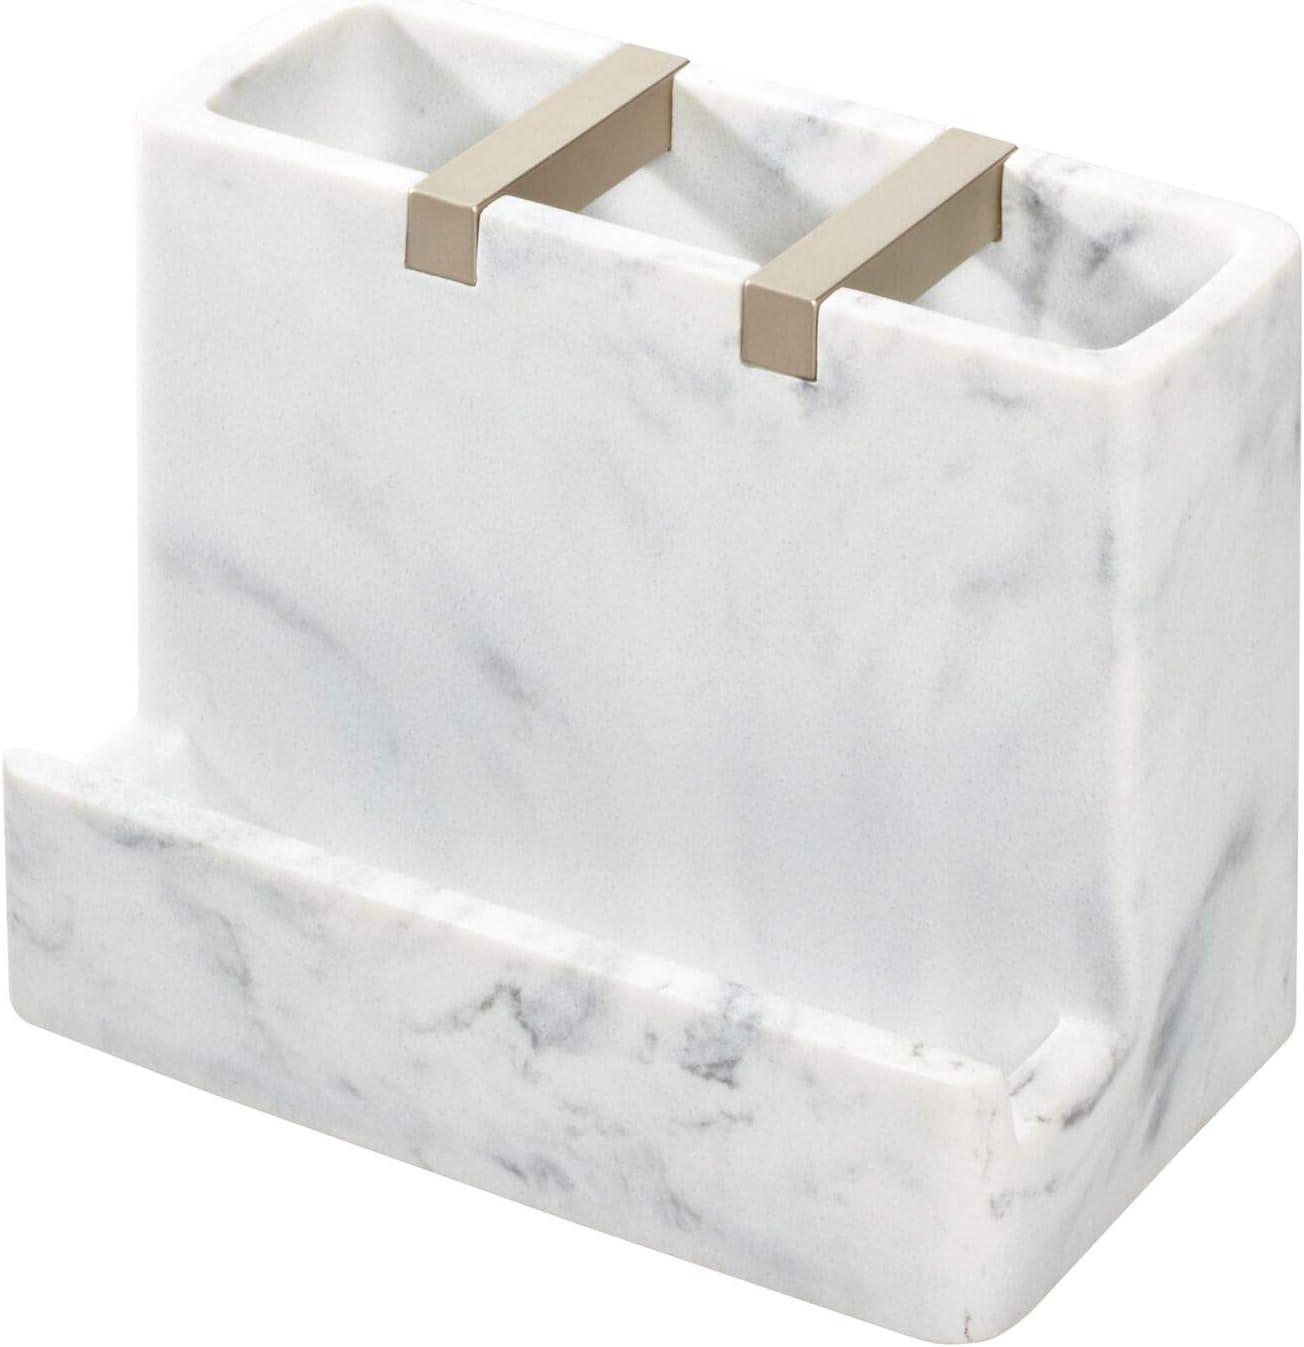 iDesign 28250 Regular dealer Gifts Dakota Resin Marble Center Toothbrush Vanity for